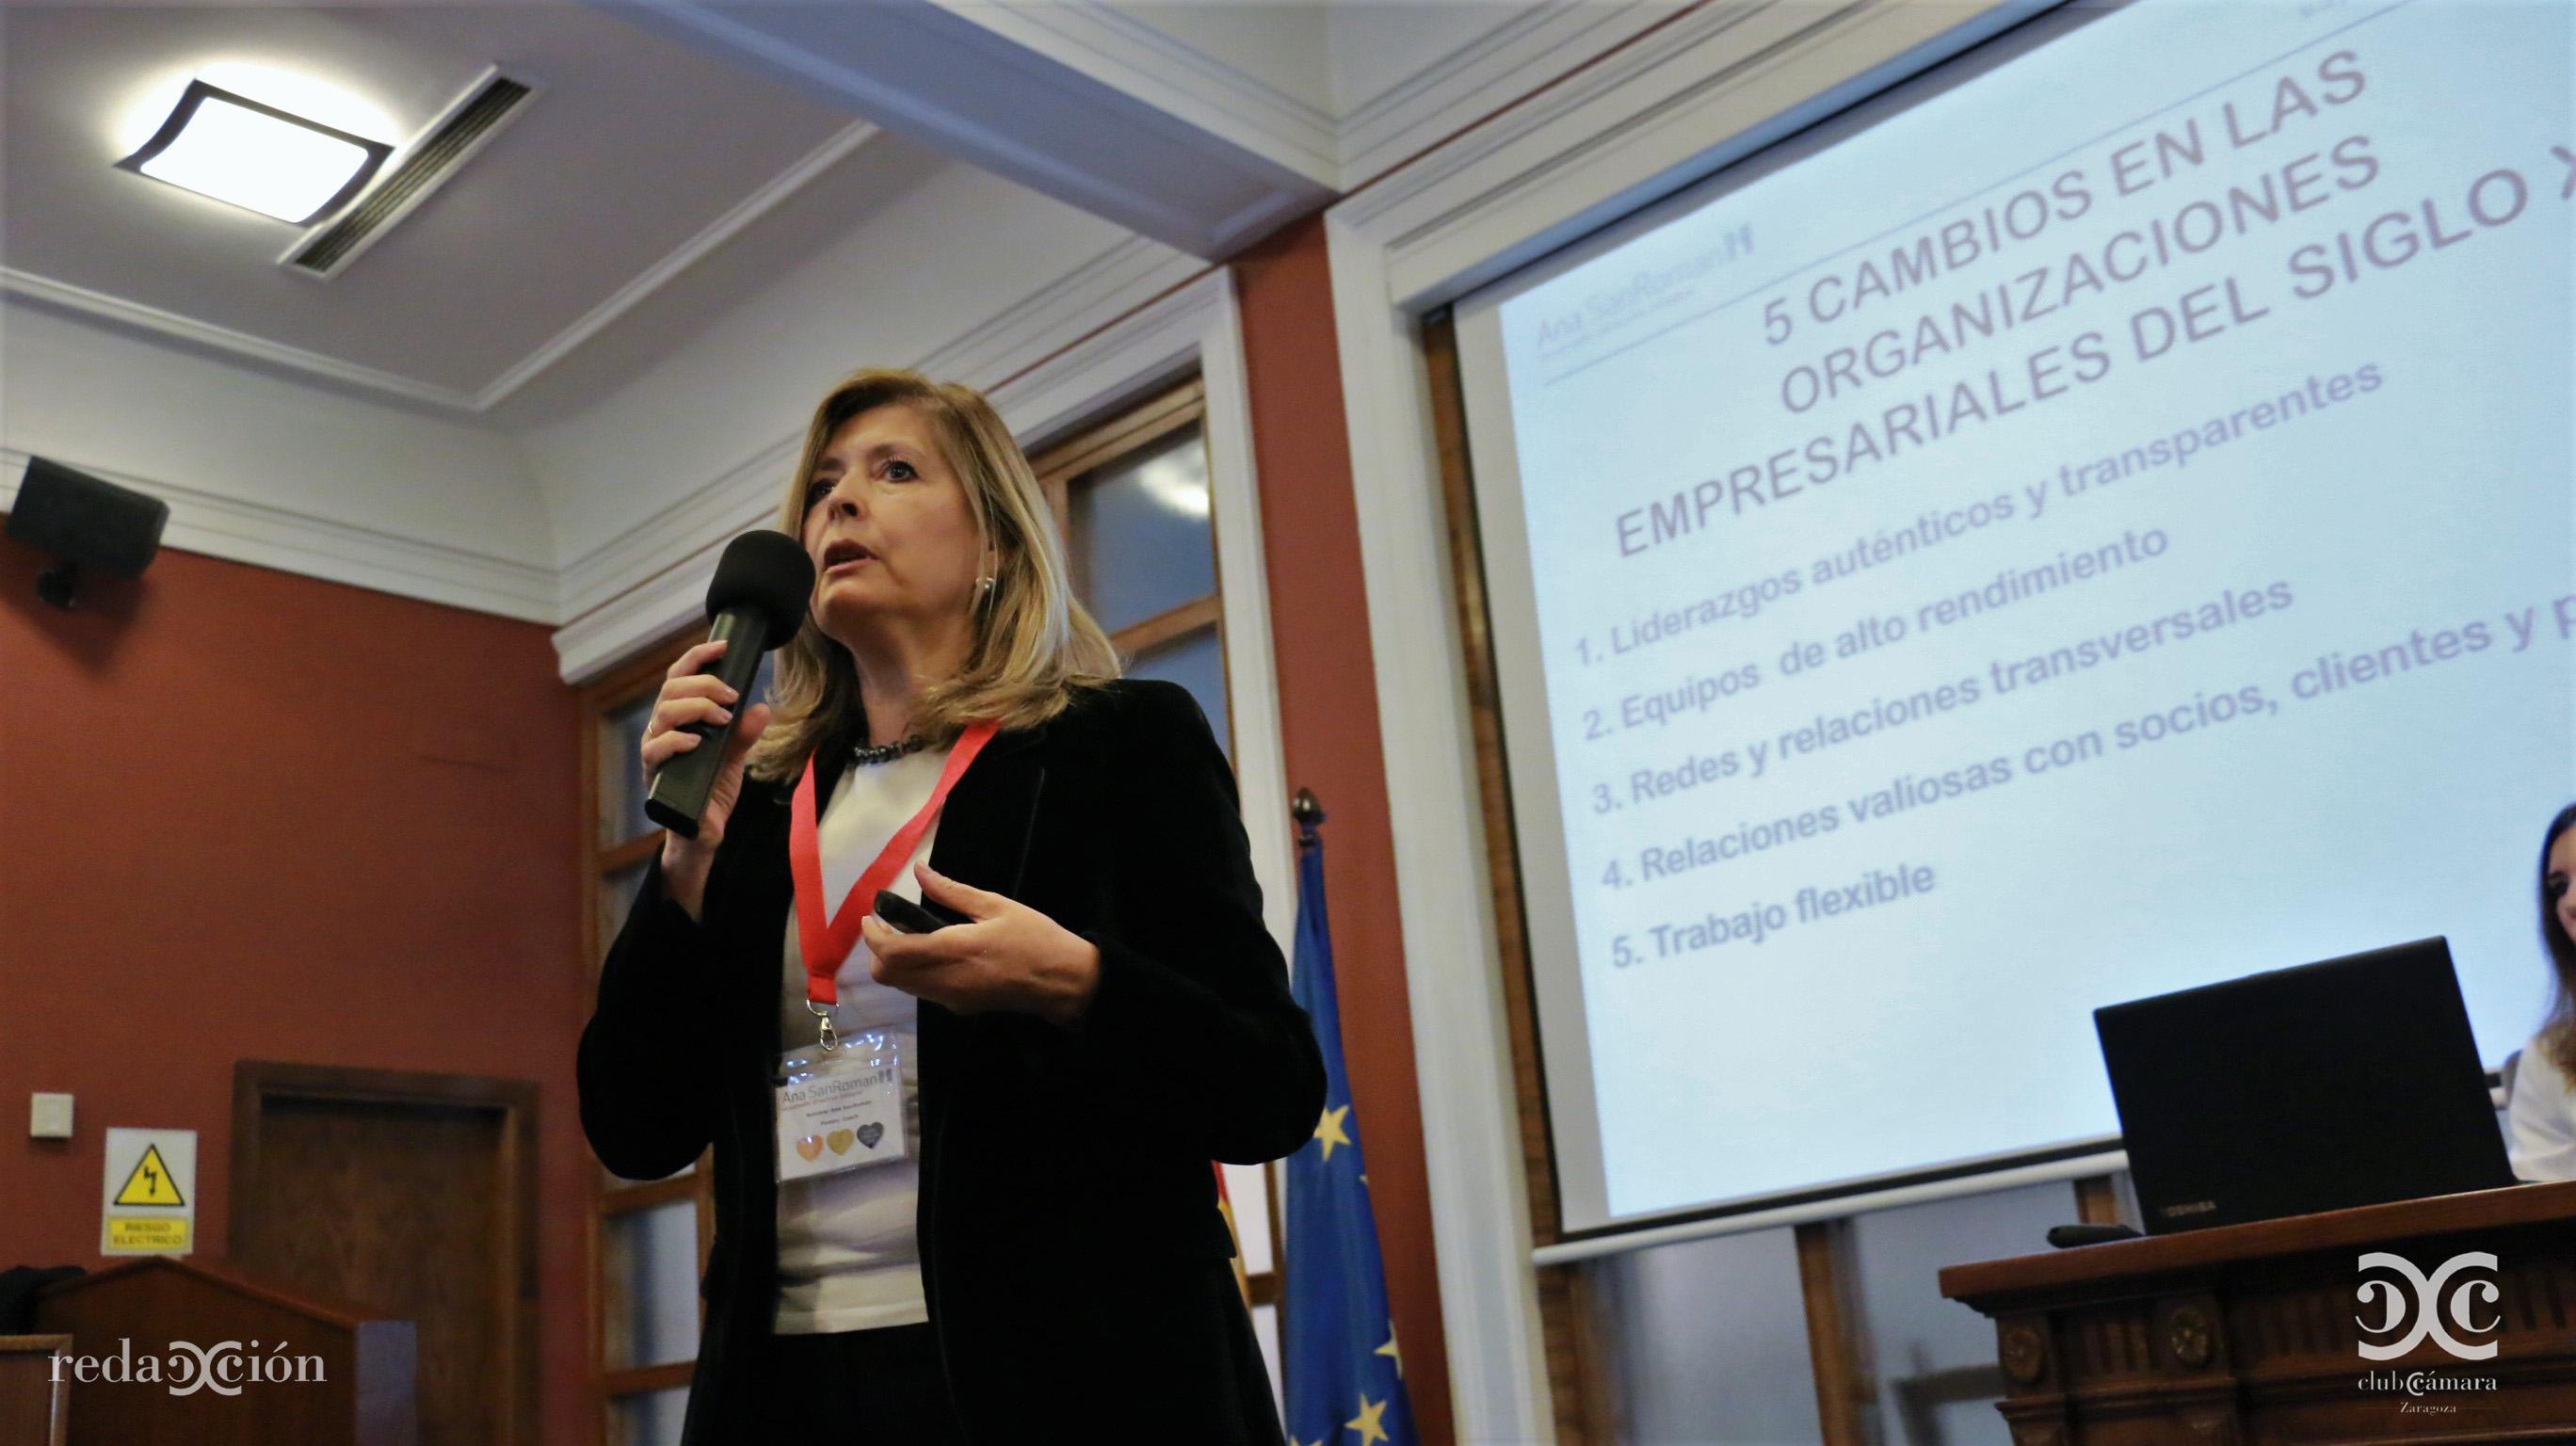 Ana SanRomán